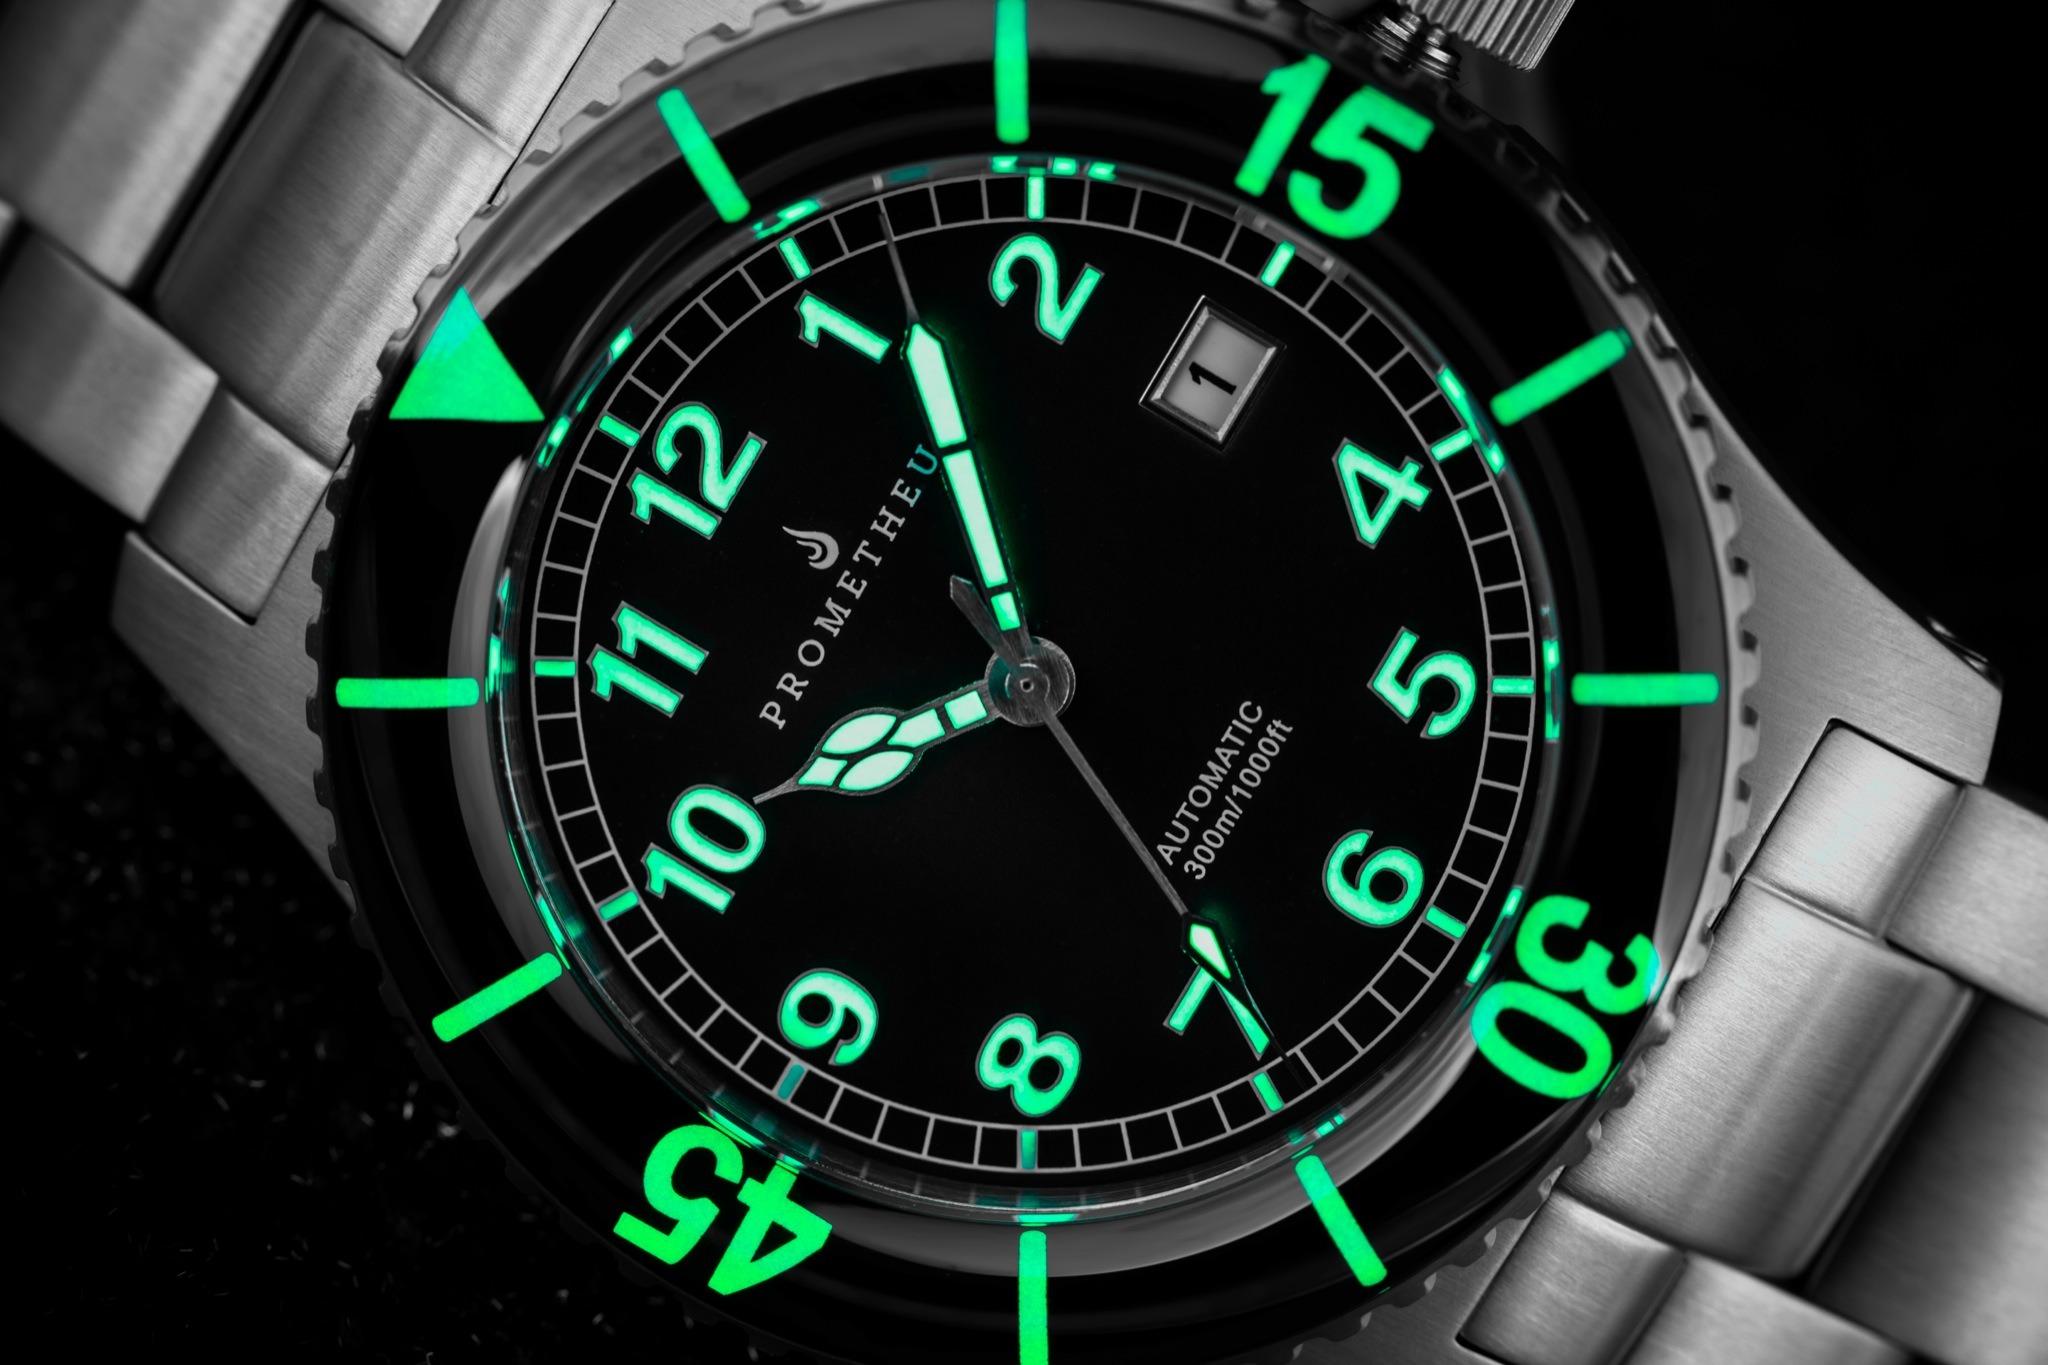 Prometheus Sailfish 300m Automatic Diver Watch Black Dial Sapphire Bezel Lume Shot